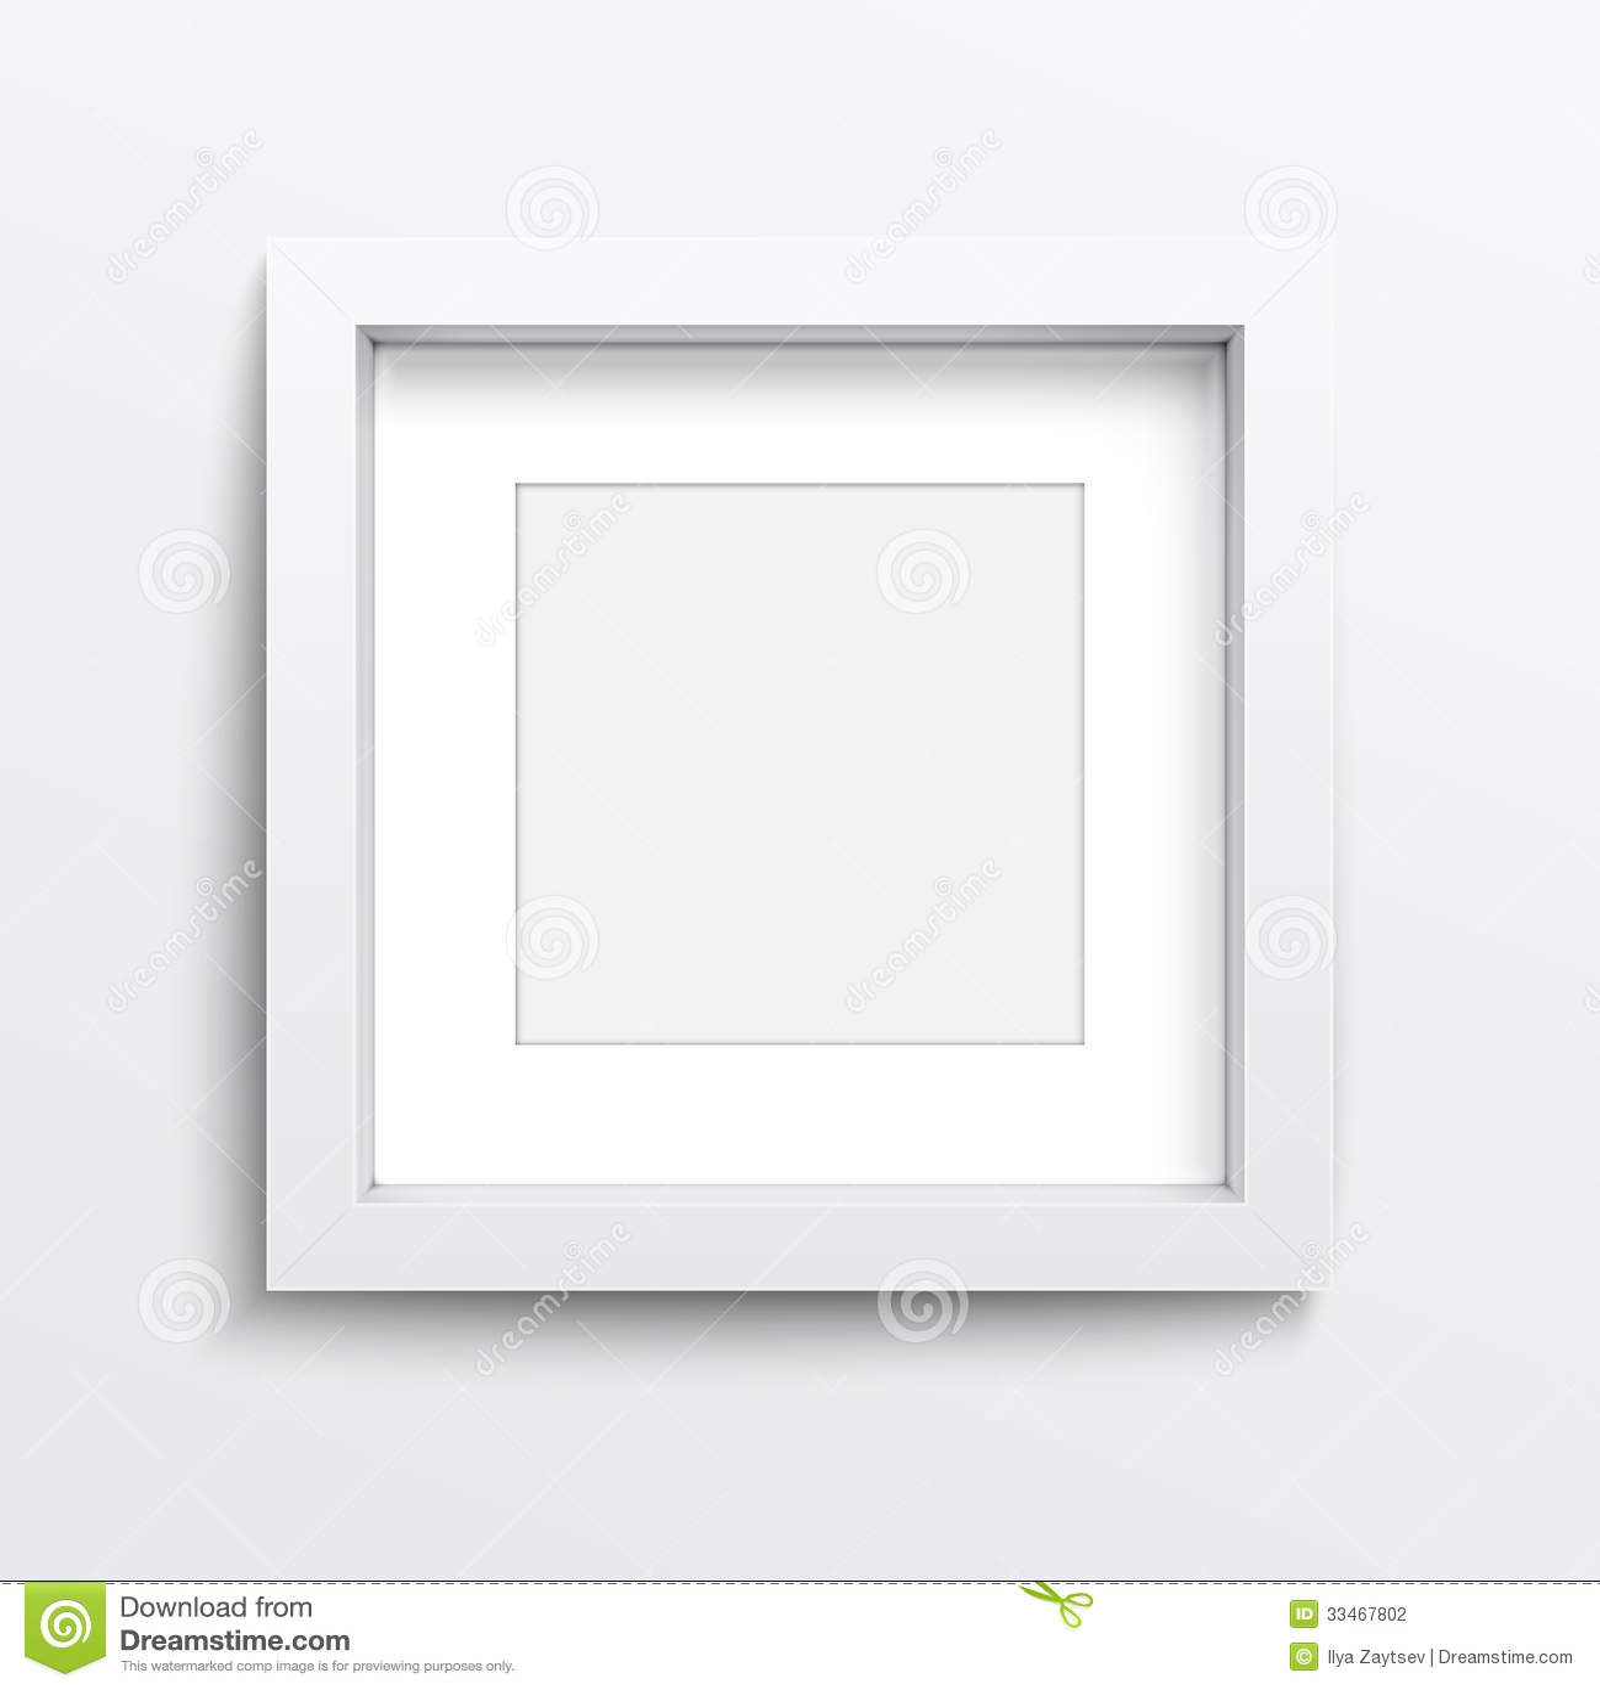 Rahmen Des Weißen Quadrats Auf Grauer Wand. Vektor Abbildung ...